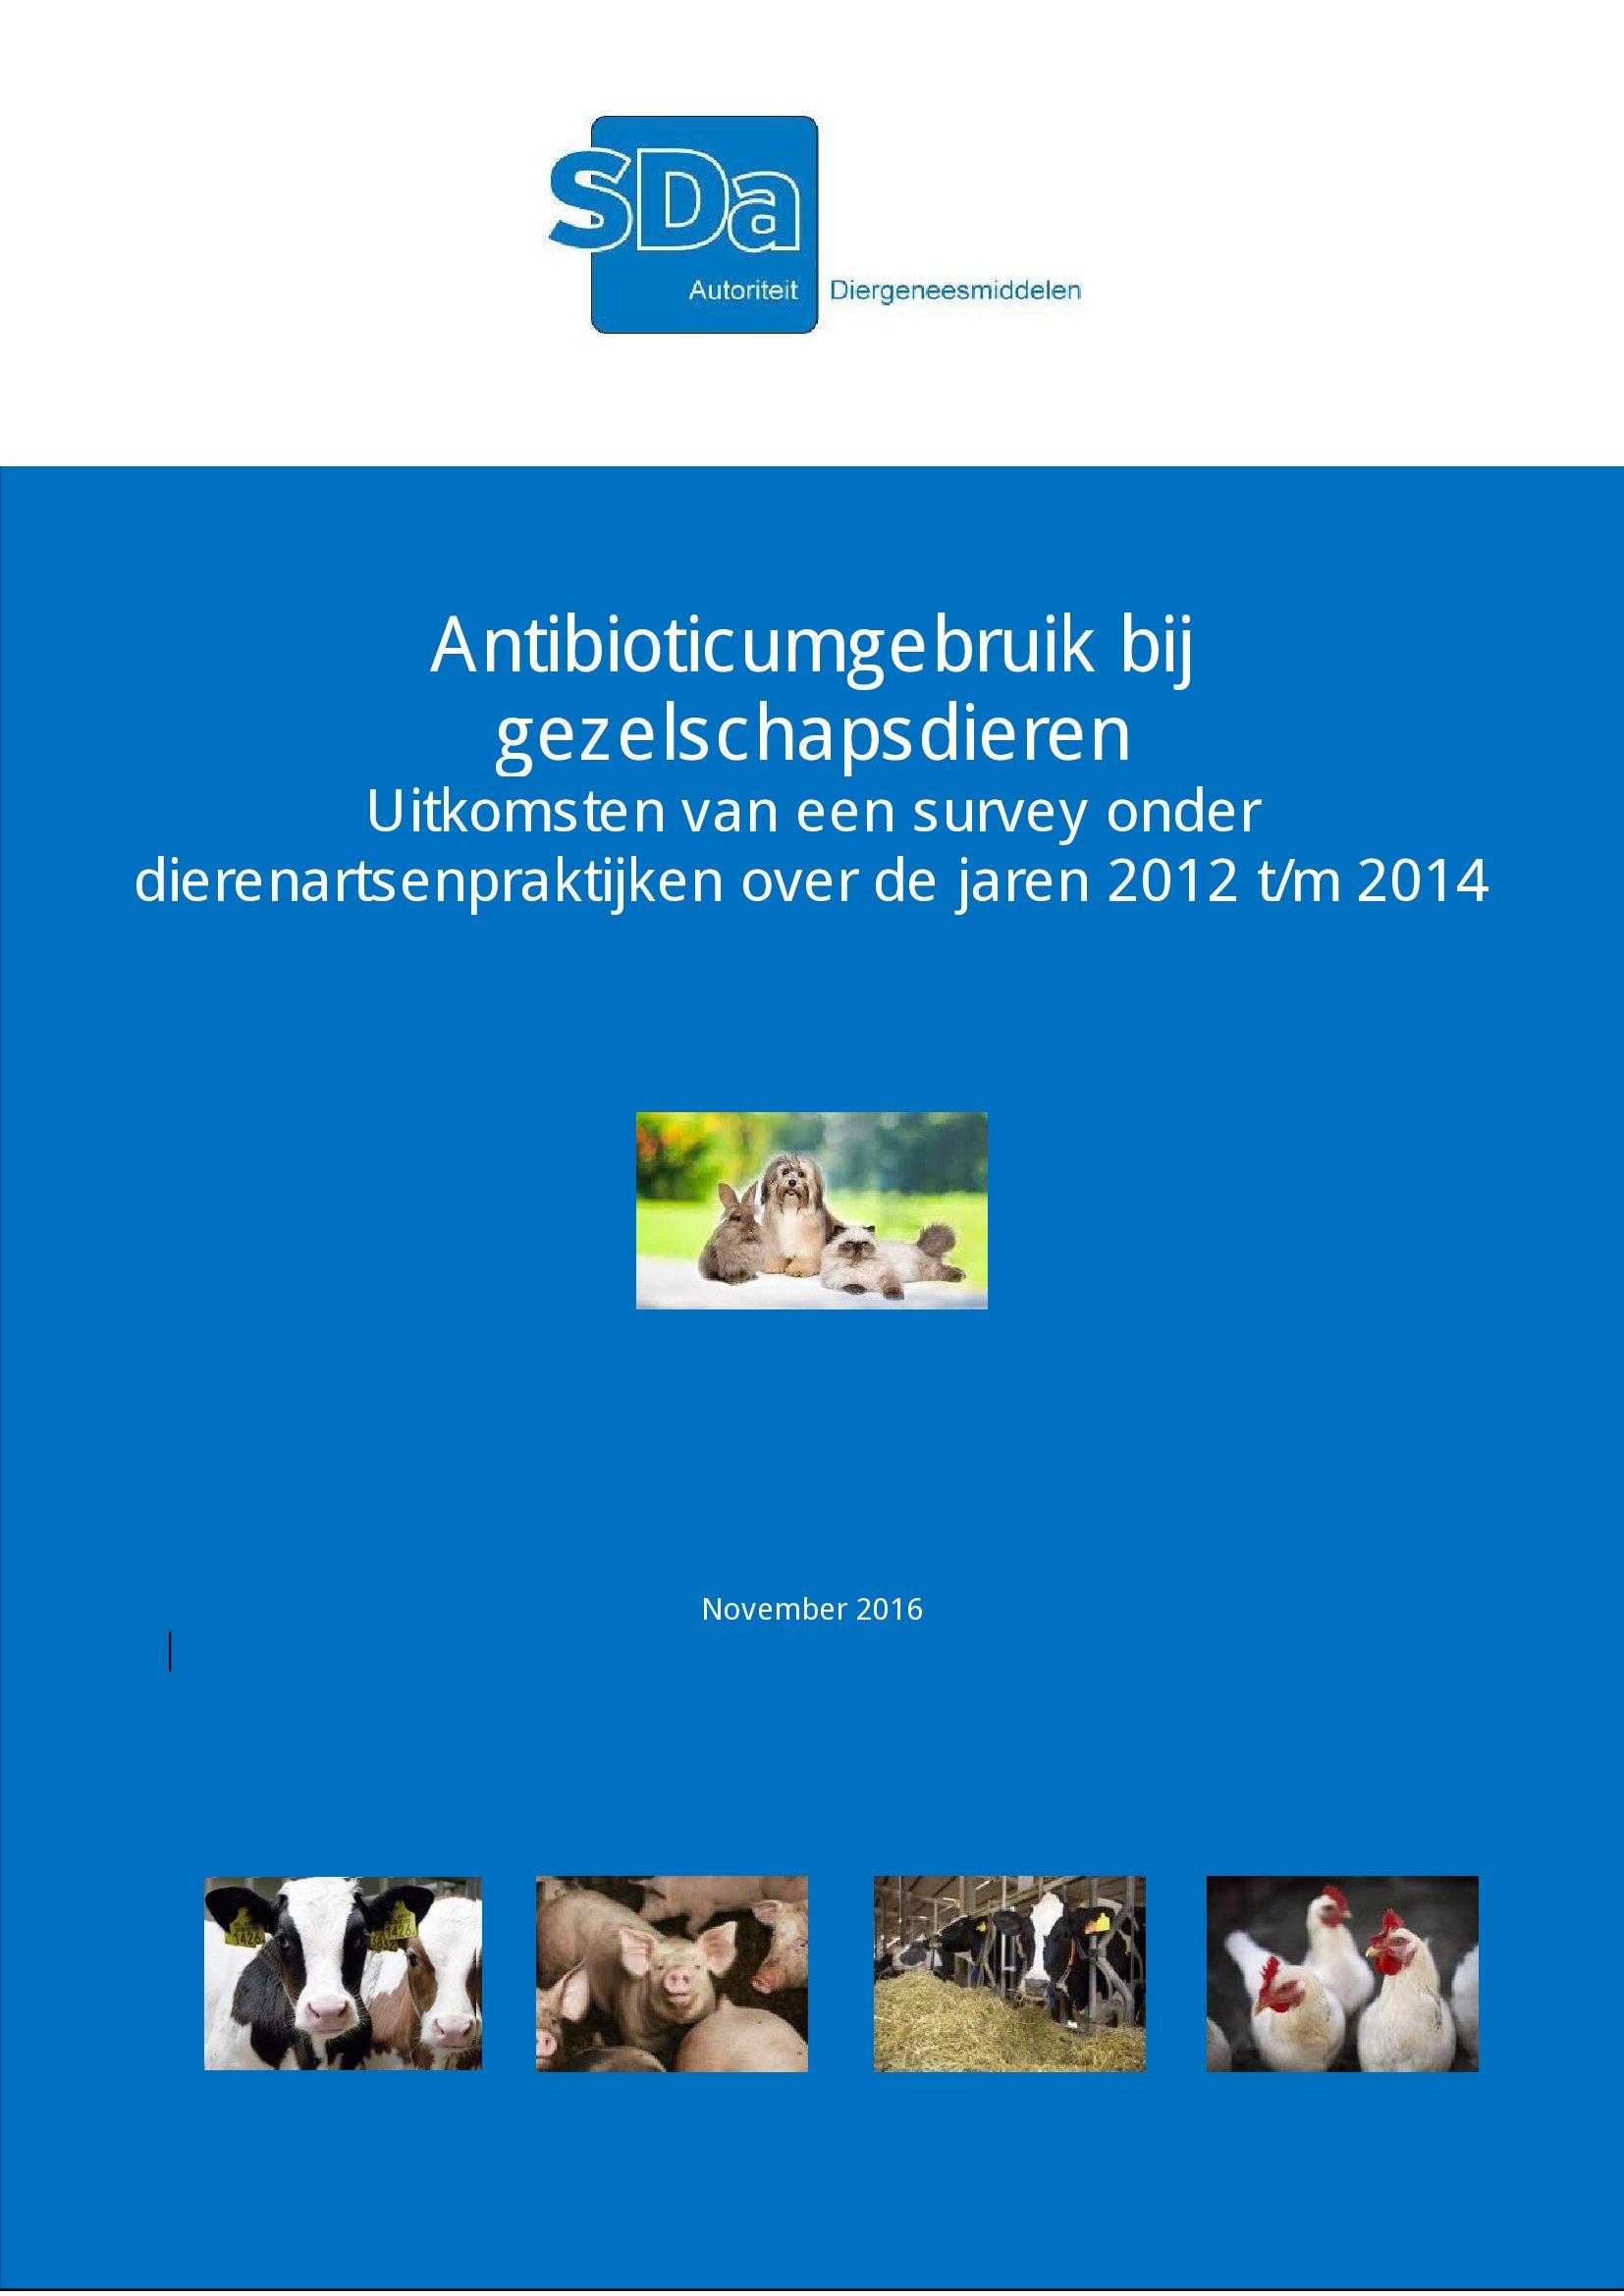 SDa-rapport 'antibioticumgebruik bij gezelschapsdieren'